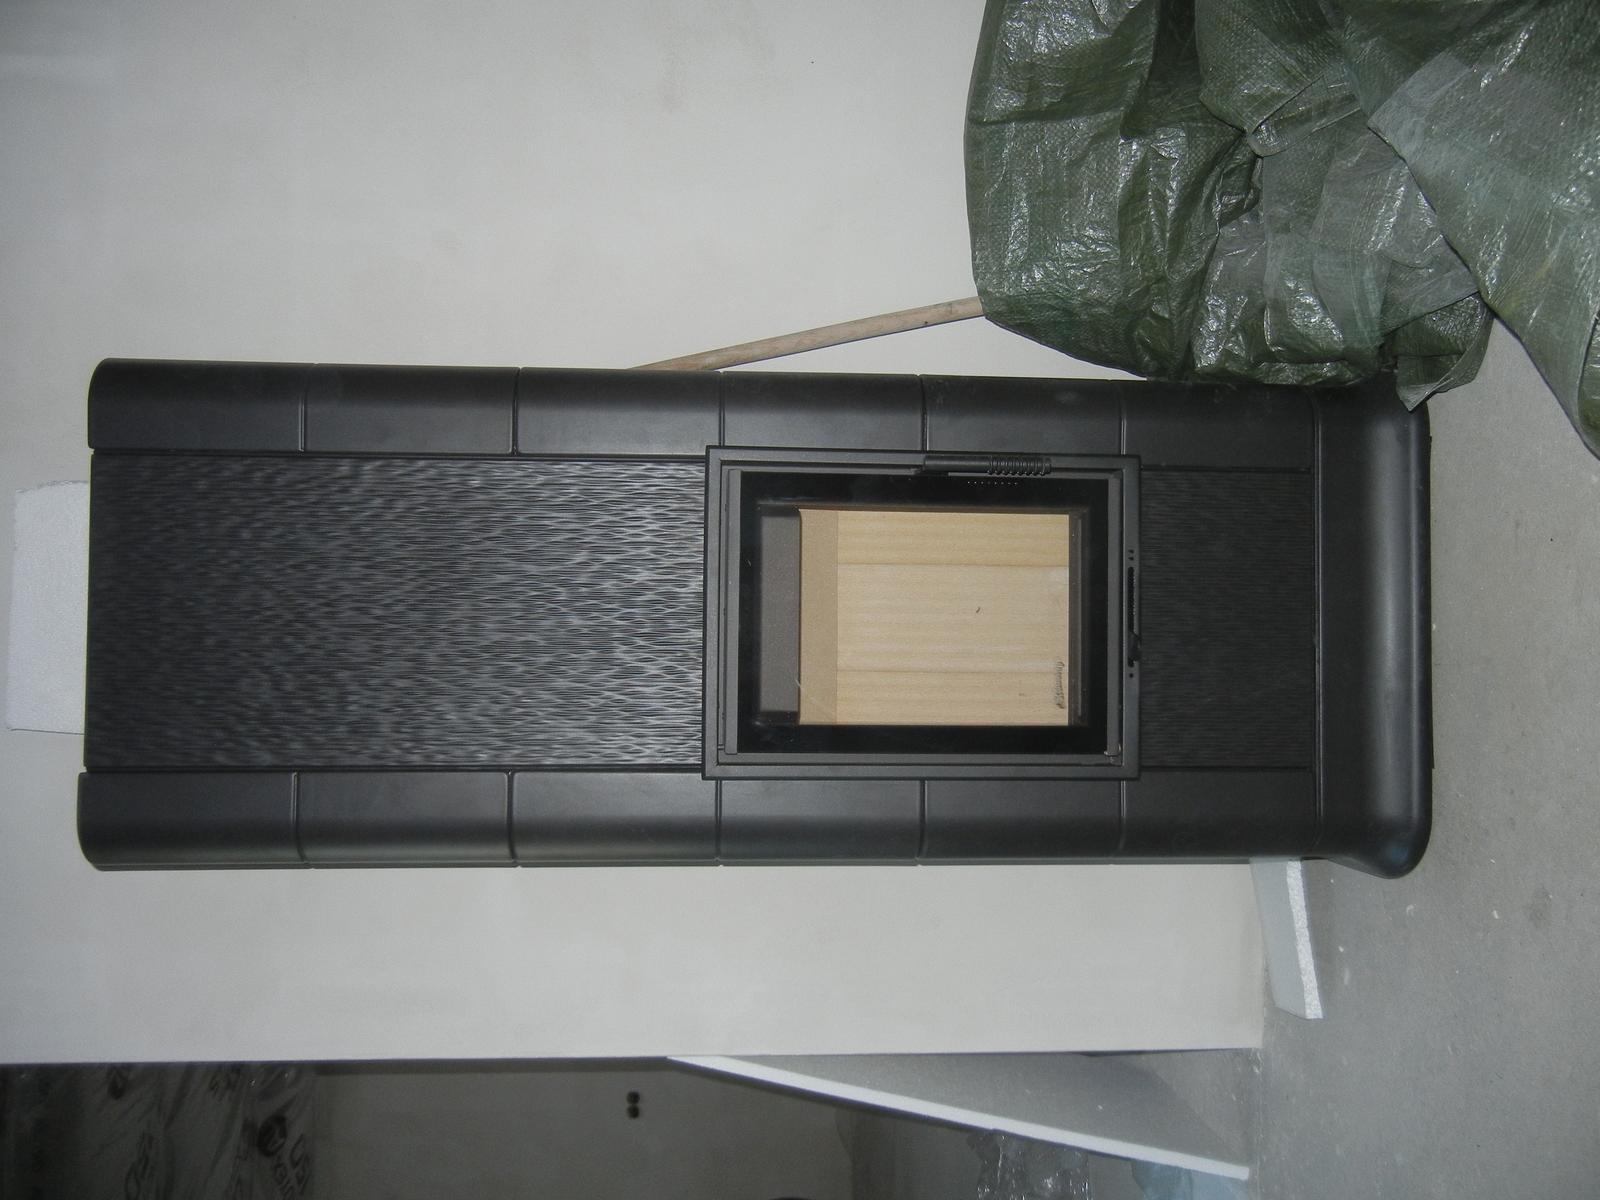 romotop malaga N 03... - Obrázok č. 2